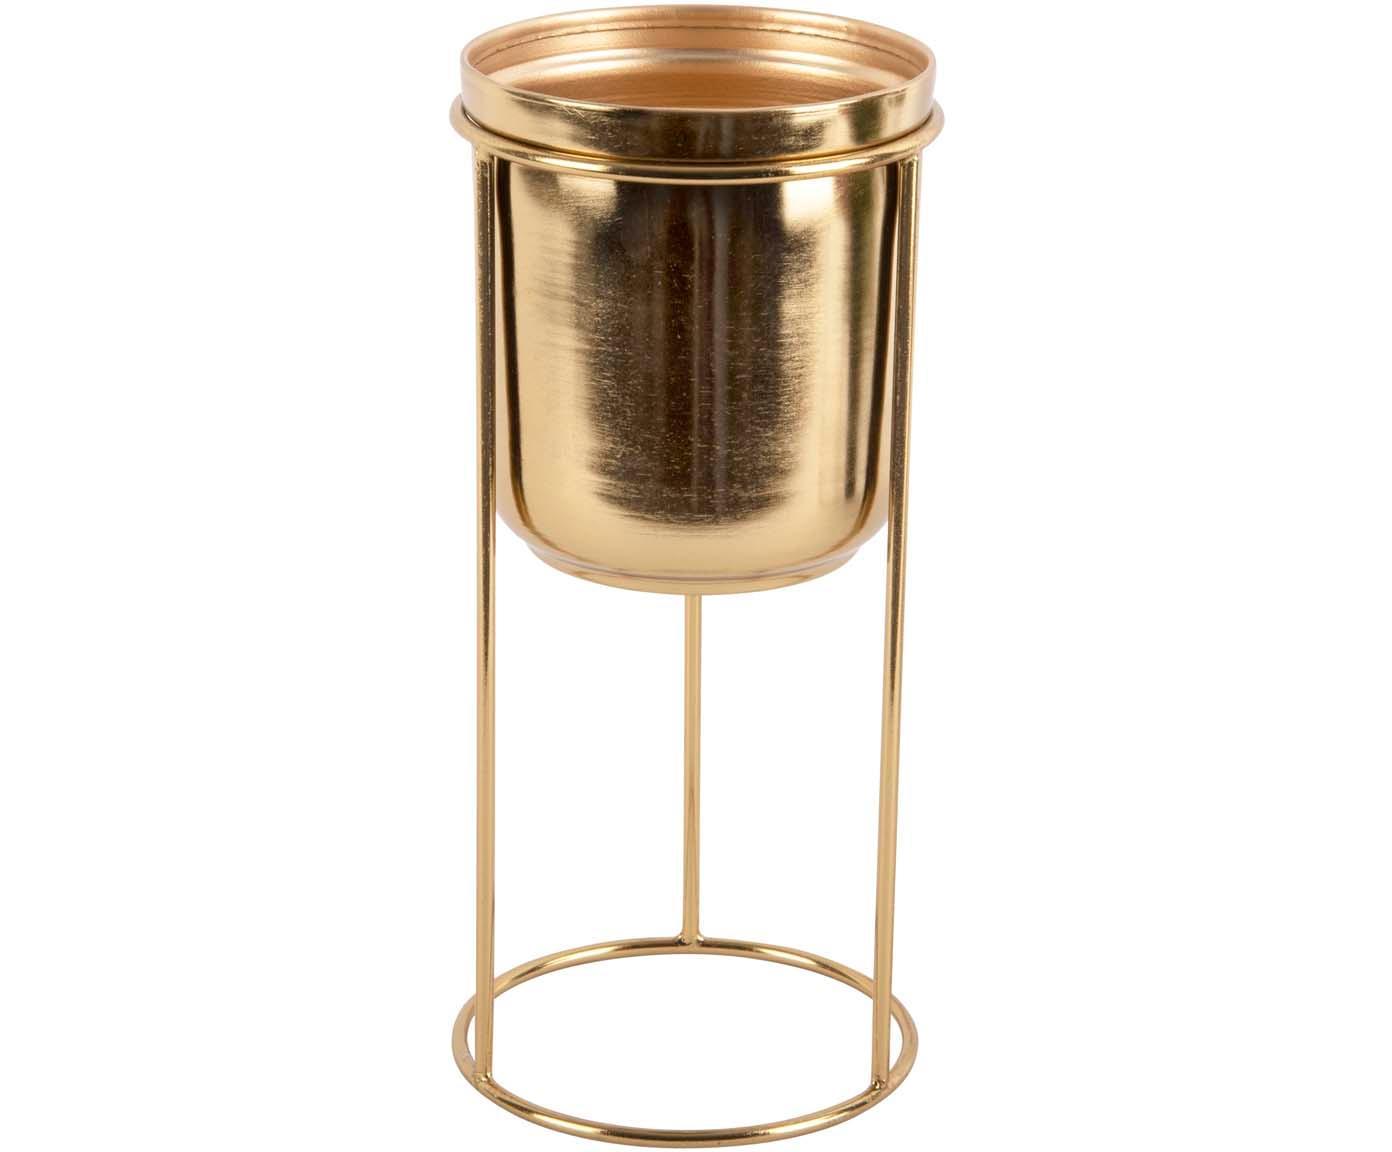 Übertopf Tub, Metall, beschichtet, Messingfarben, Ø 12 x H 27 cm